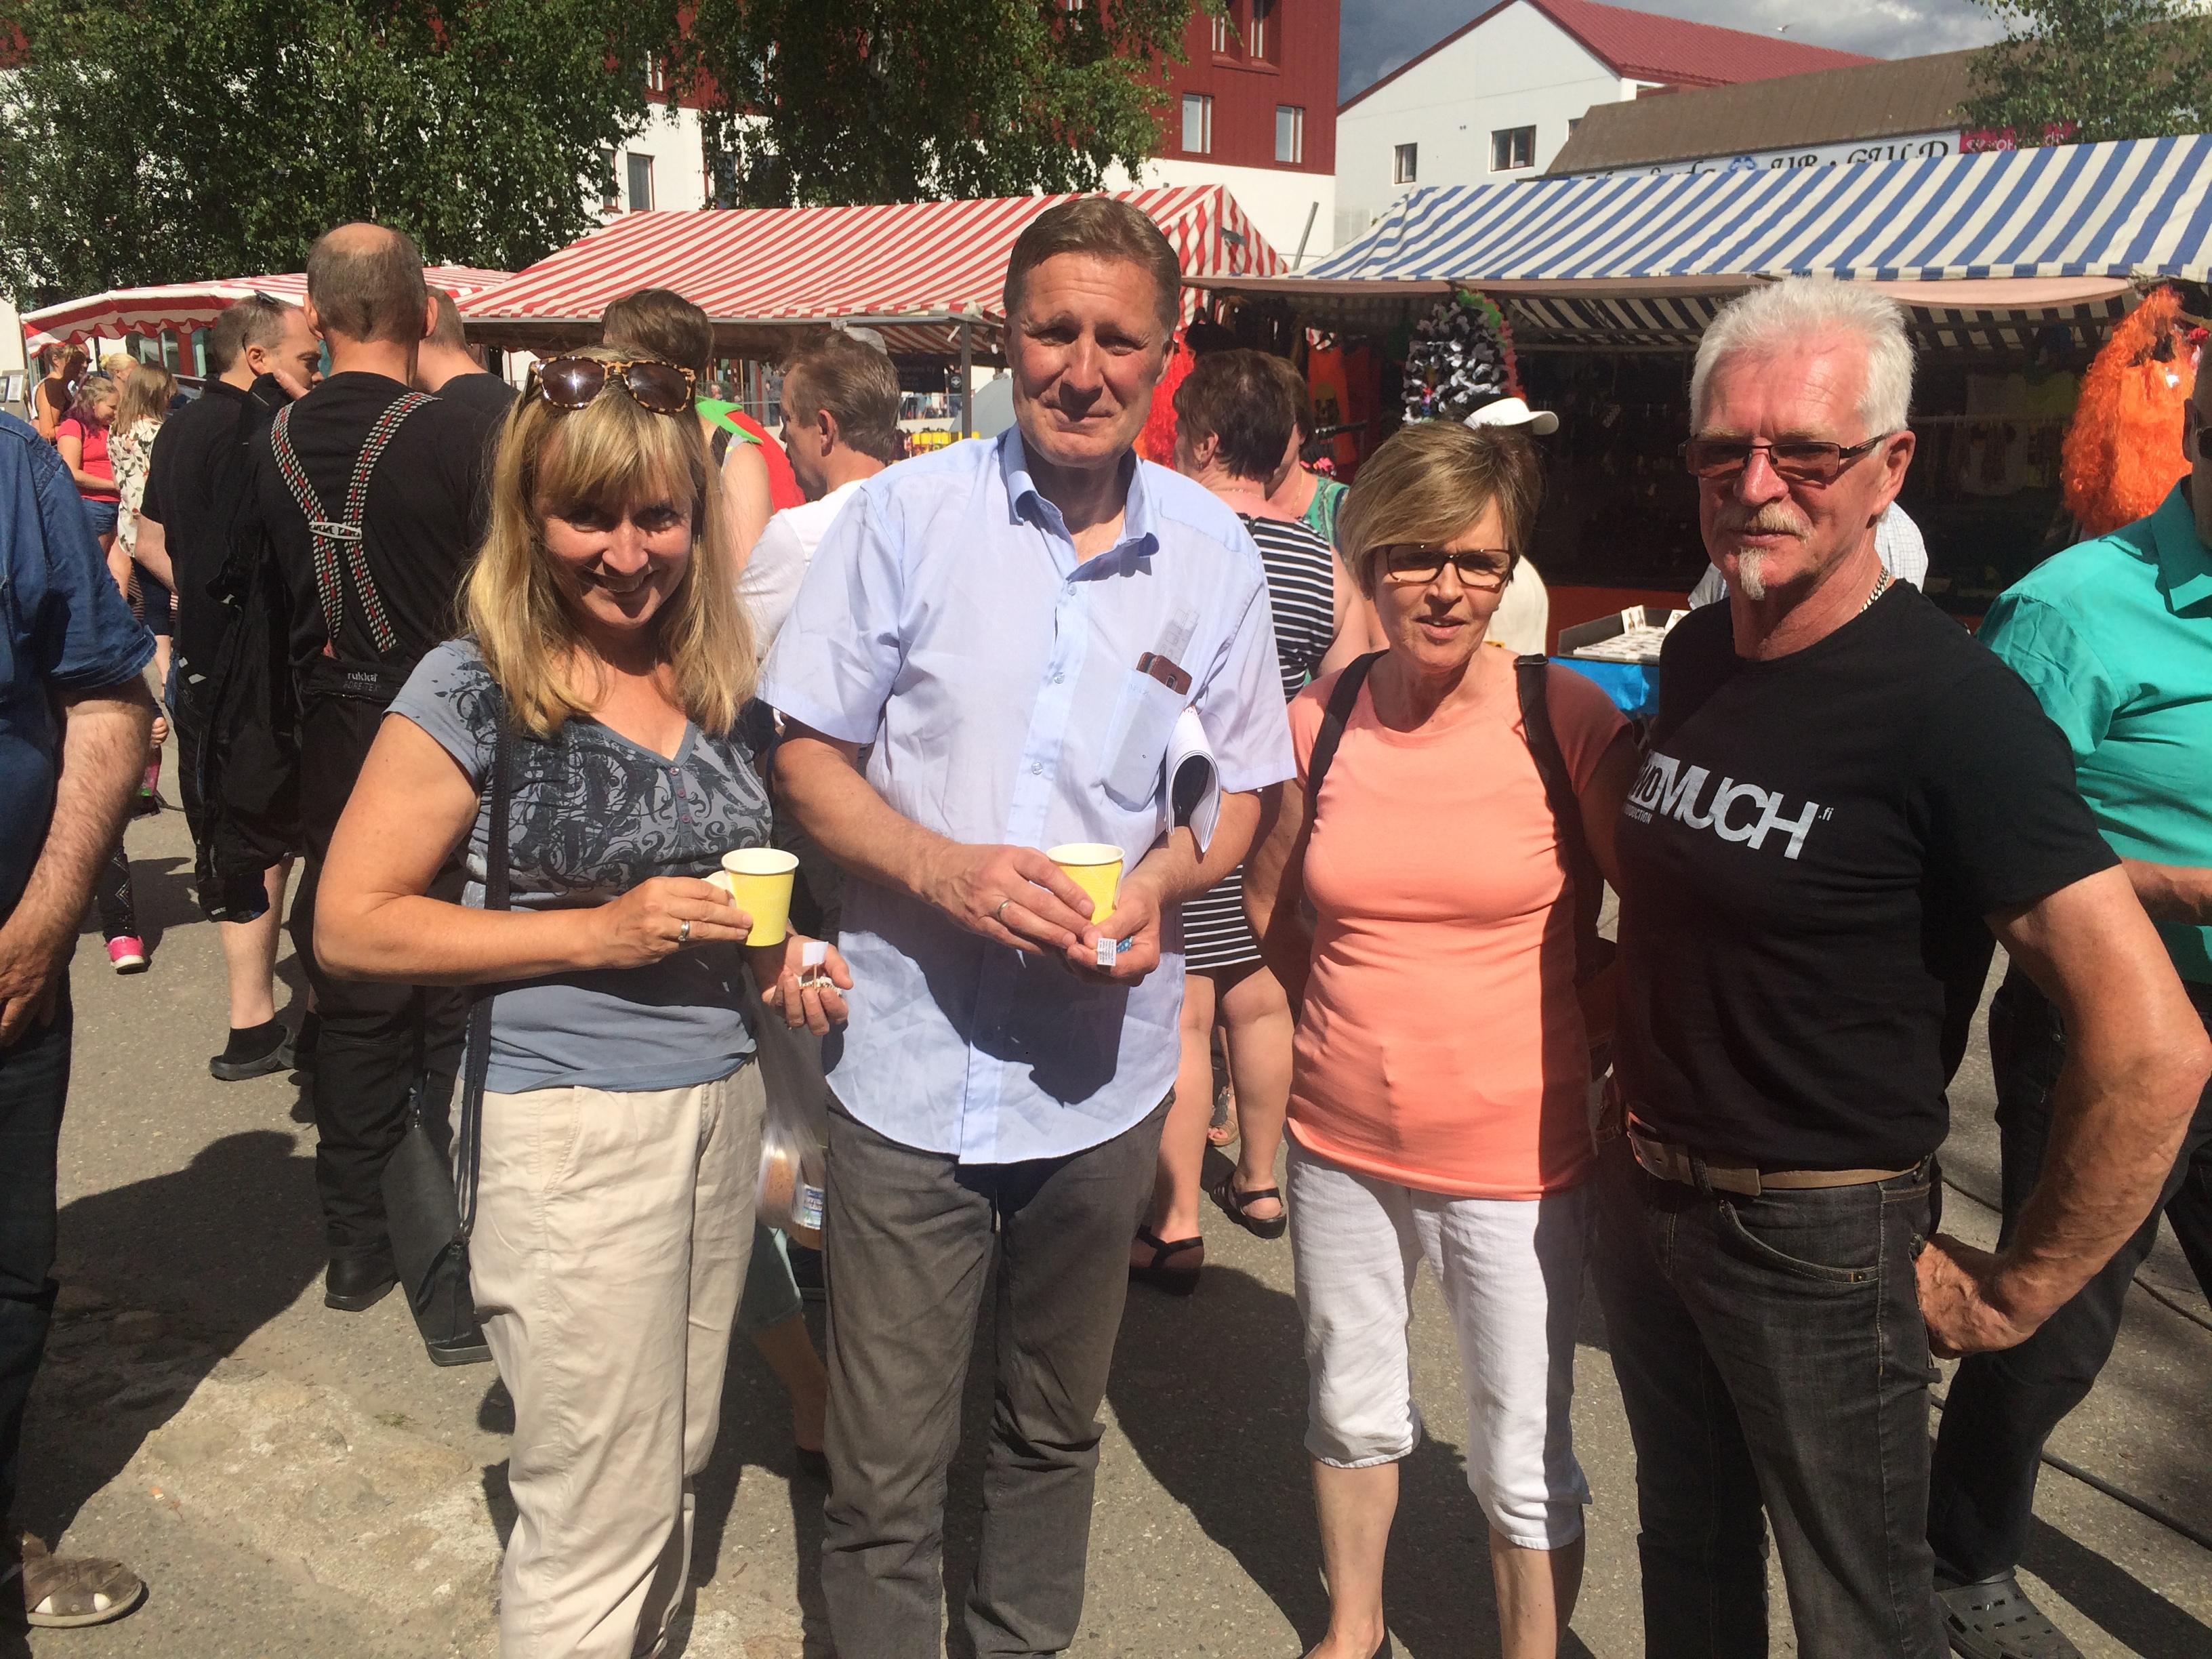 """Niina och Mats Björklund från Norge besökte Tomatkarnevalen tillsammans med Gunilla och Kurt Vikfors. Mats besöker ofta barndomshemmet på Sebbasbackan och hyser också planer på att utveckla området runt """"Lid-Alvaras""""."""